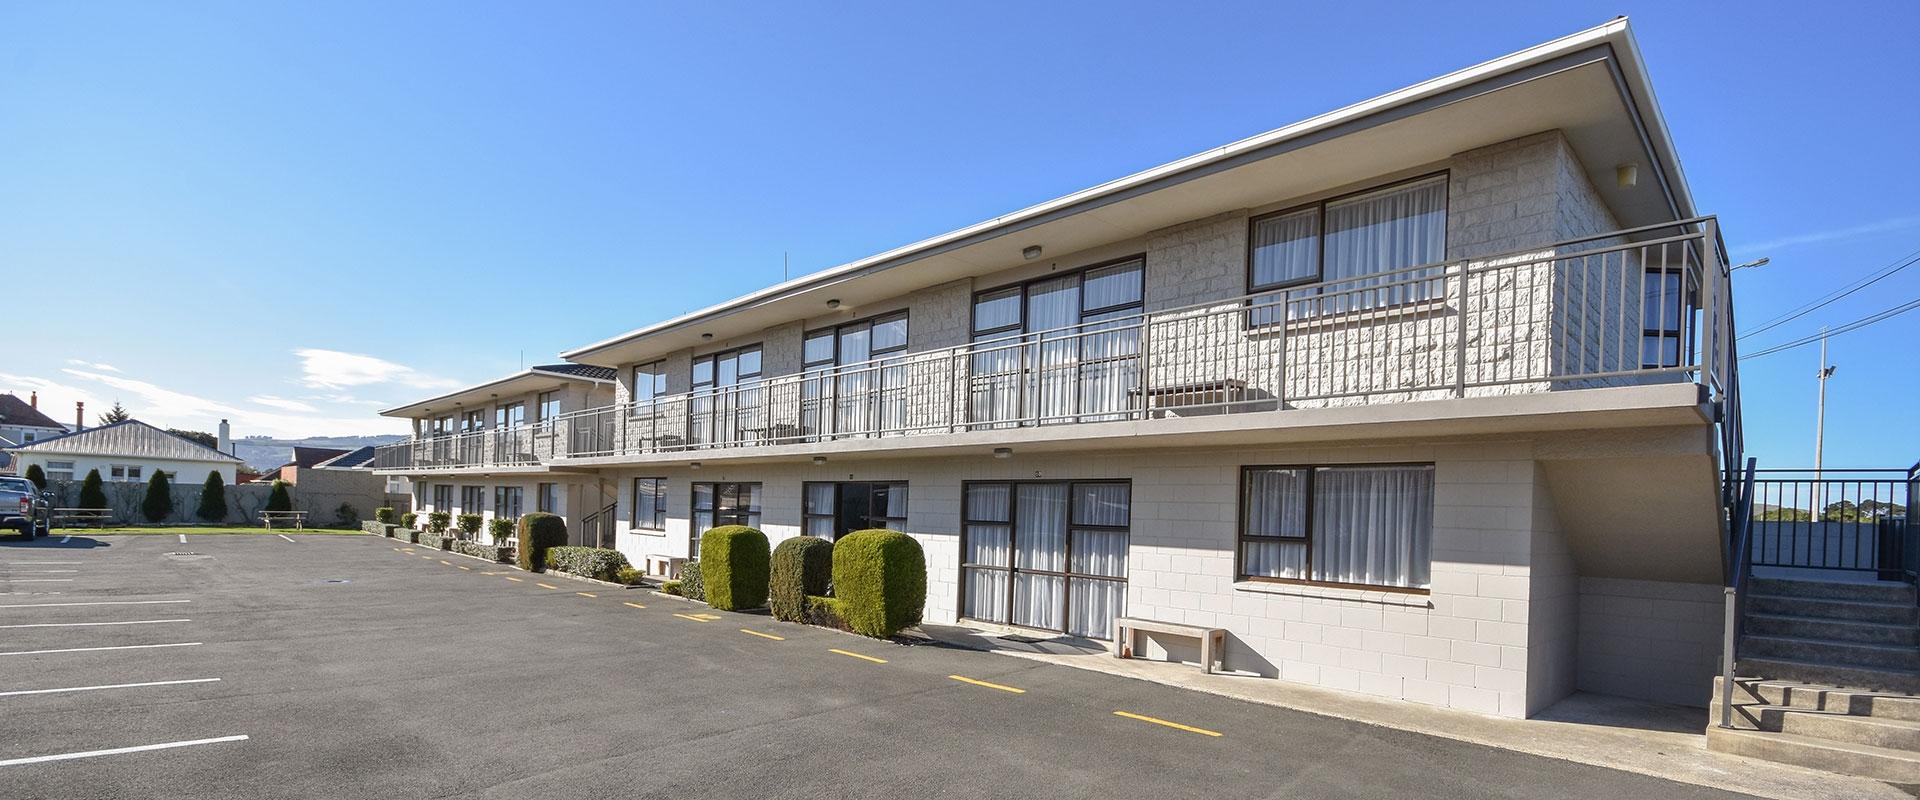 Dunedin accommodation